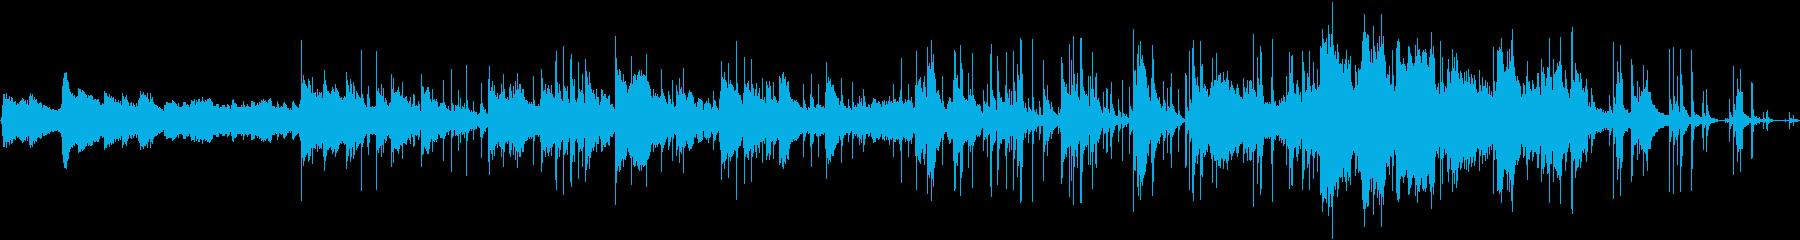 クールで哀愁漂う男の世界のフラメンコ楽曲の再生済みの波形